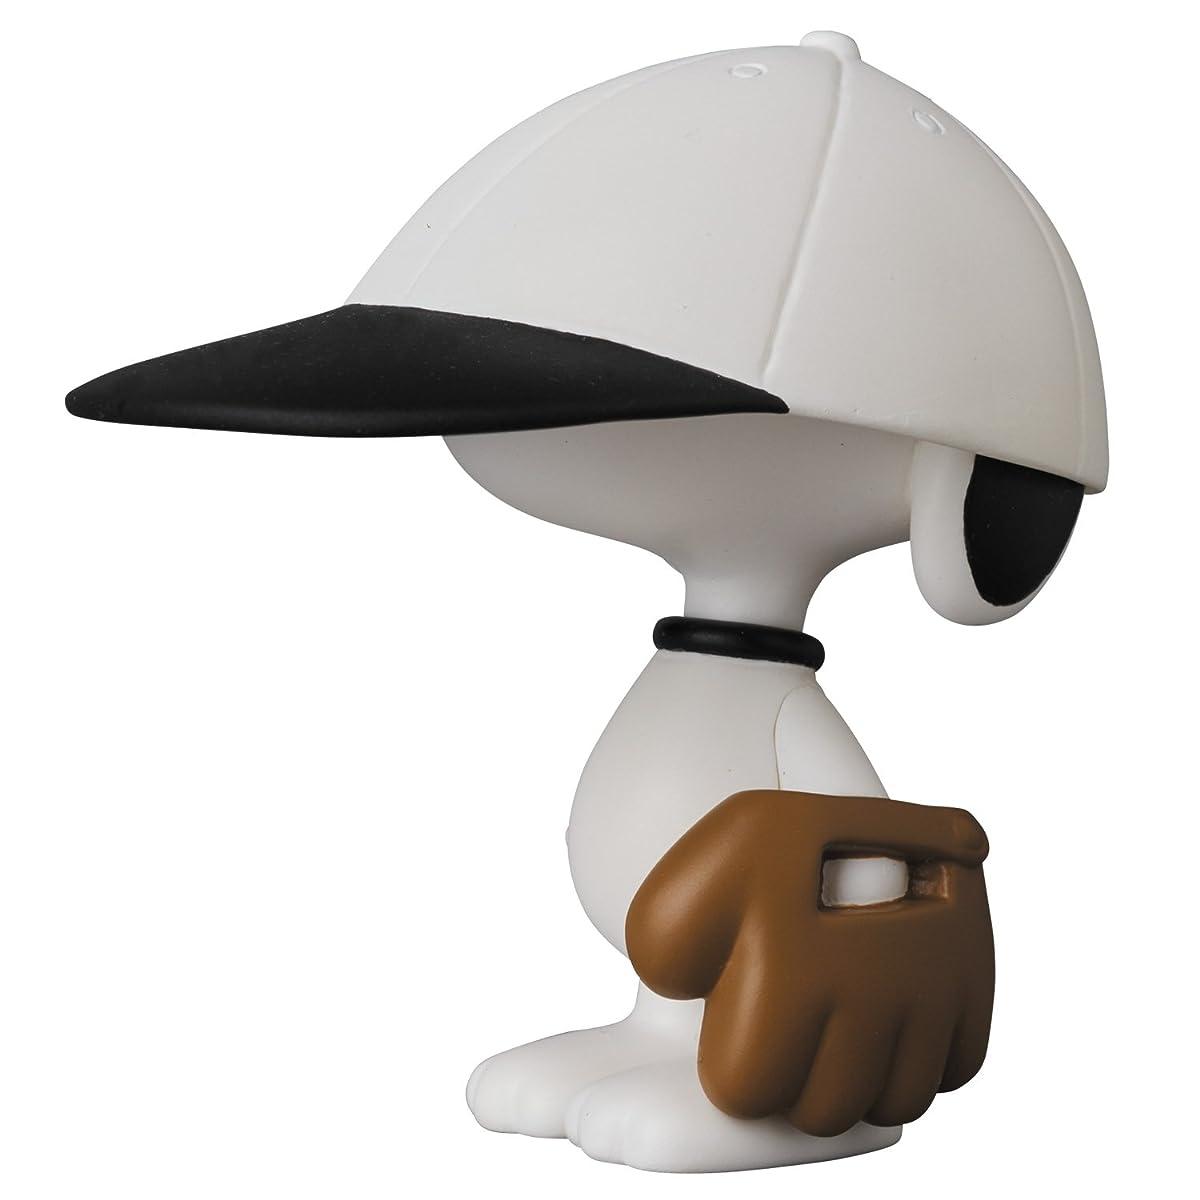 Medicom UDF-435 Ultra Detail Figure Peanuts Series 8 Marcie